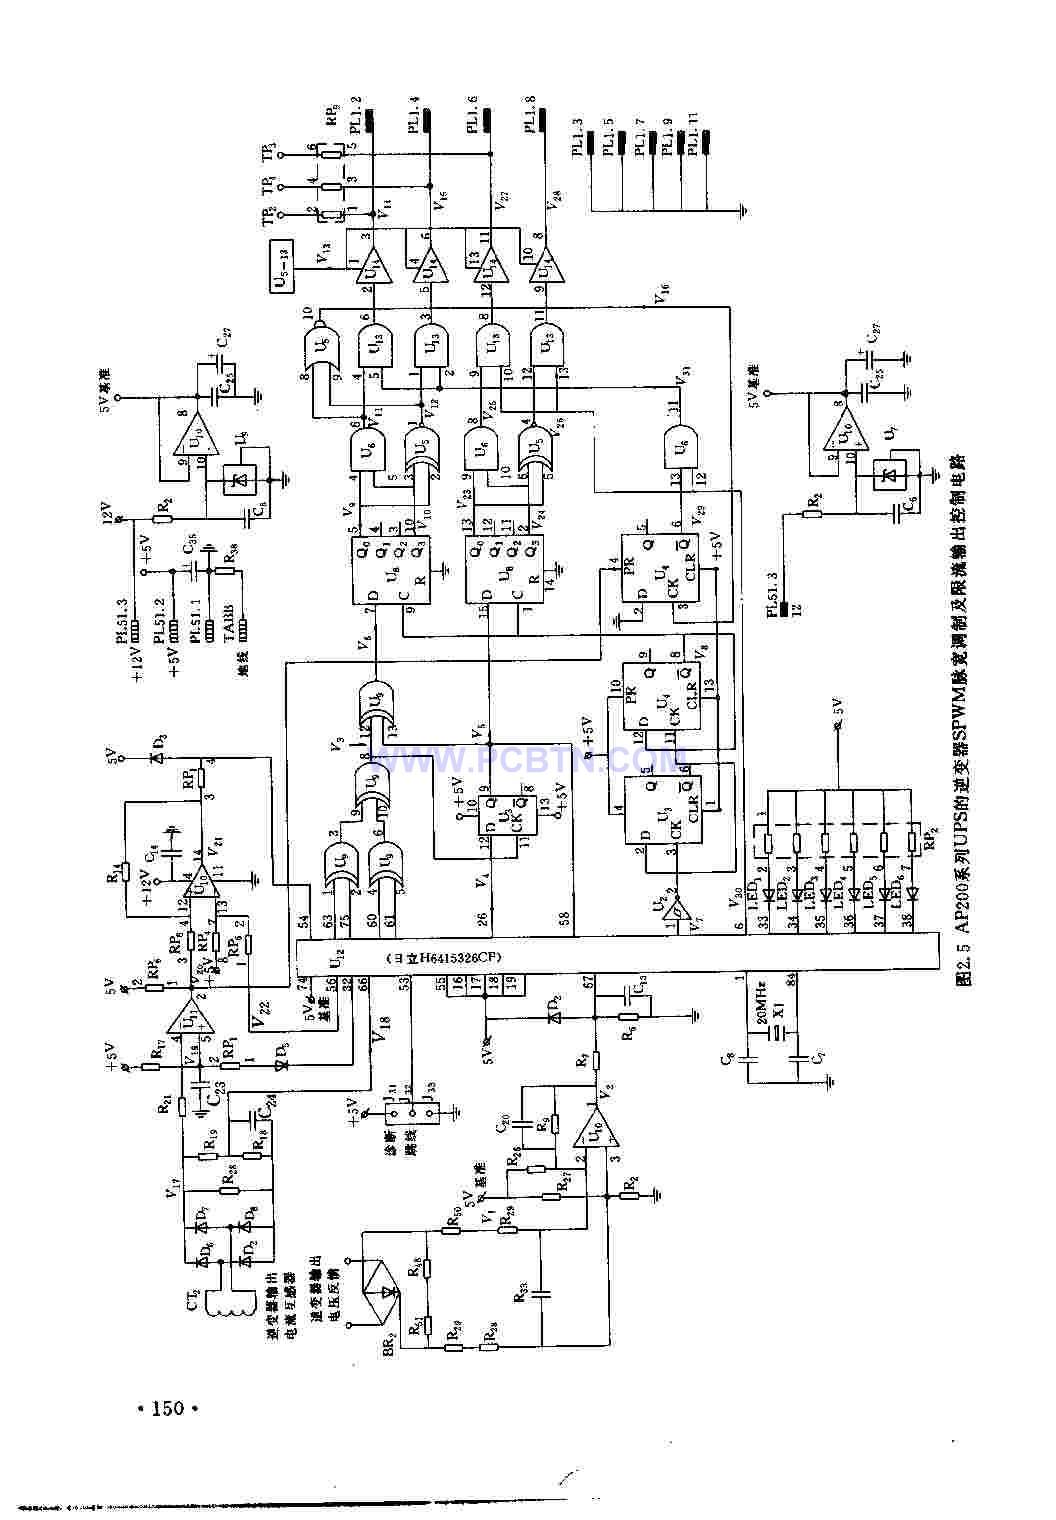 AP200系列的UPS逆变器的脉宽调制及限流输出控制电路